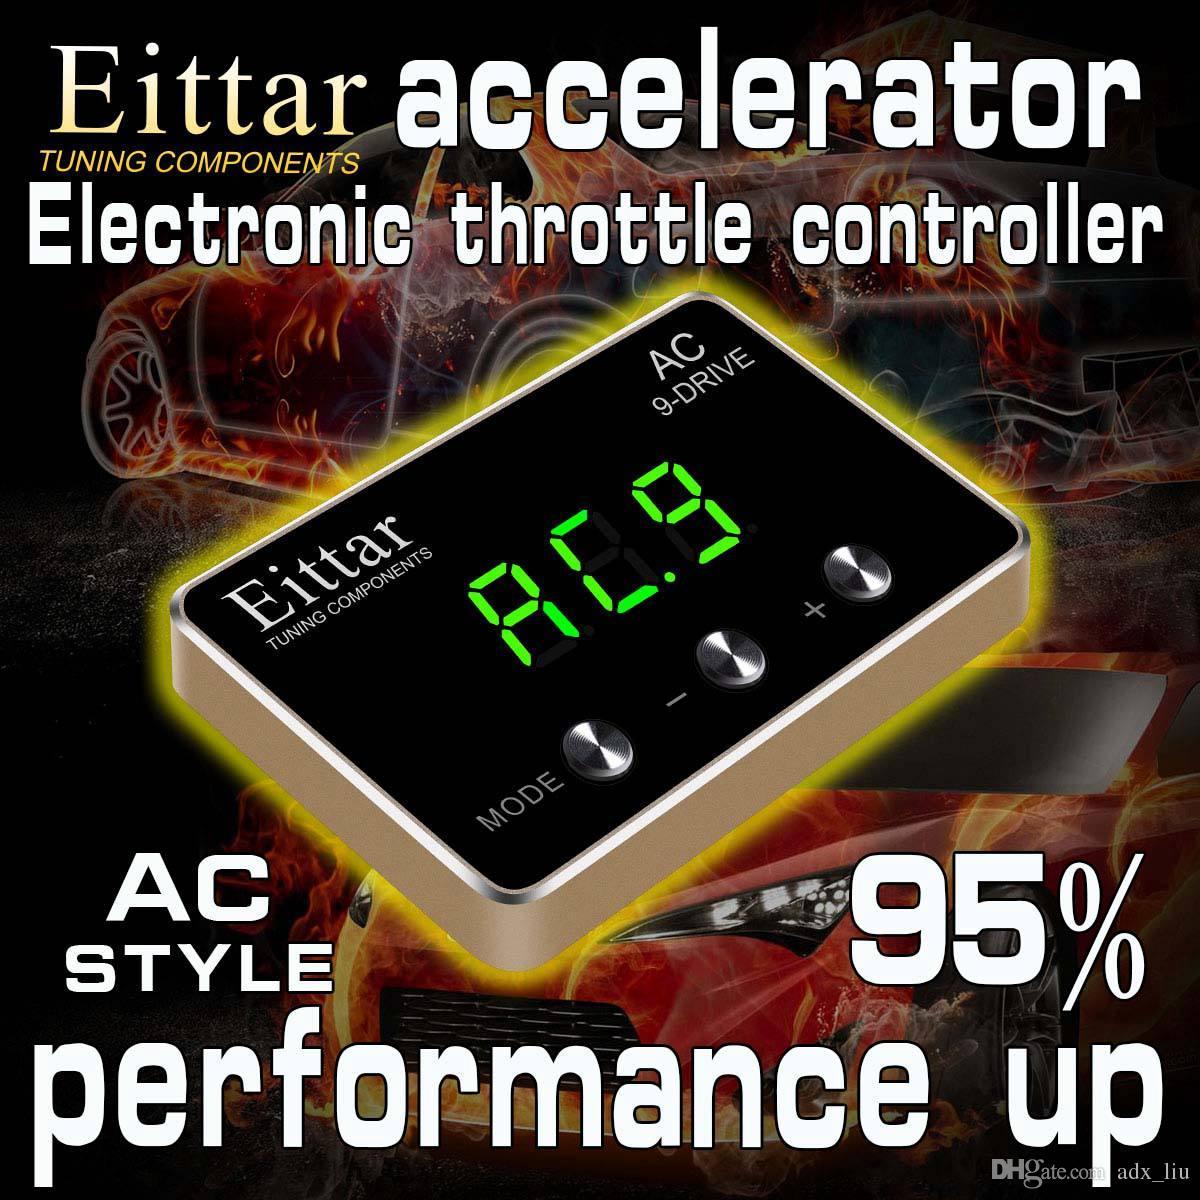 Eittar Electronic throttle controller accelerator for CHEVROLET CORVETTE  Z06/C6 2006-2013